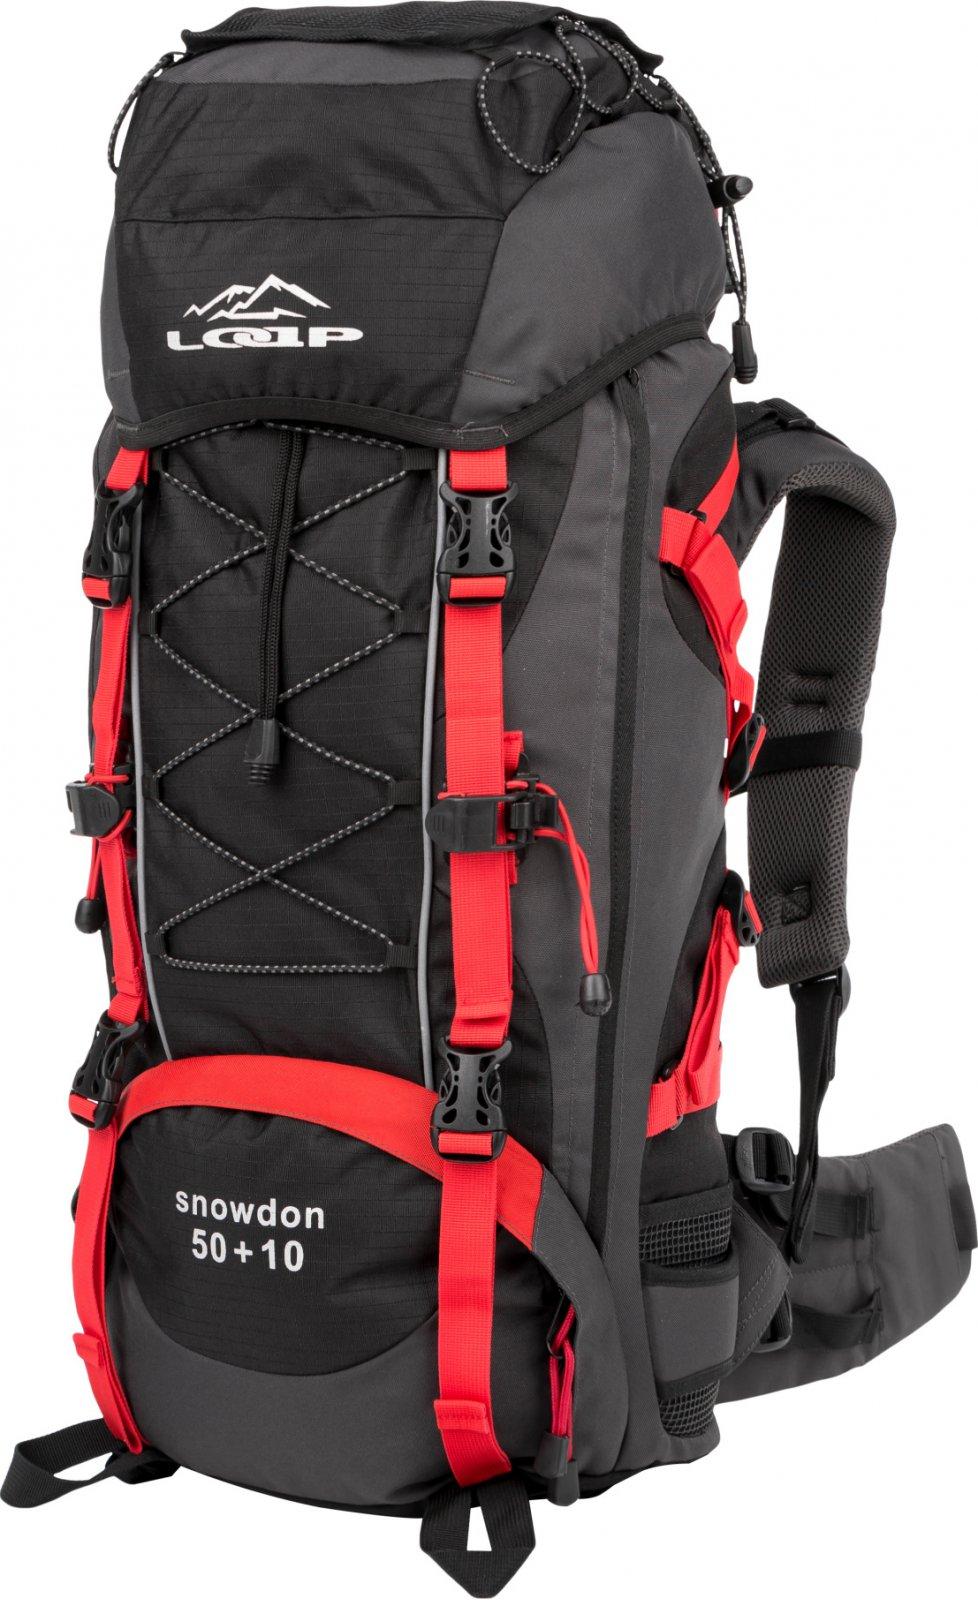 LOAP Snowdon 50+10 l od 1 190 Kč • Zboží.cz b81164940f